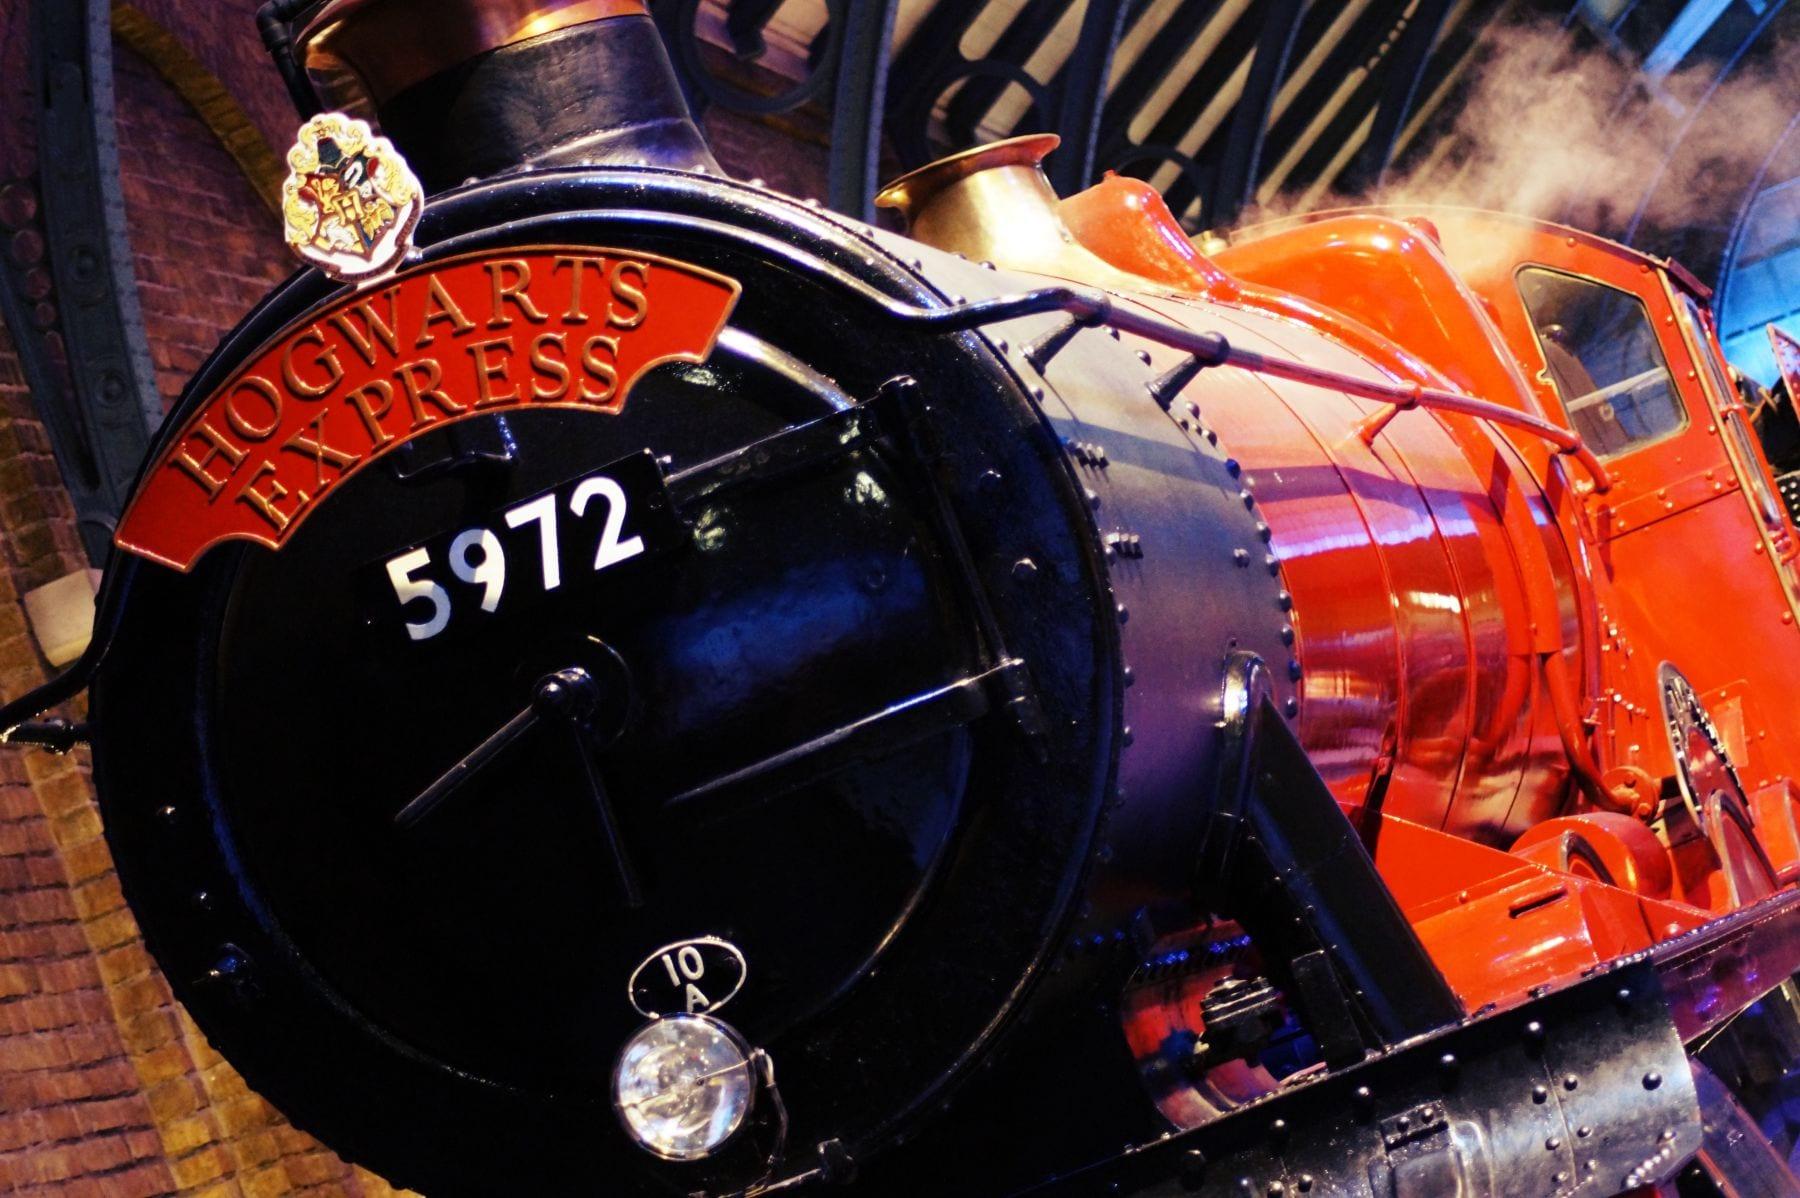 Ein tolles Bild - der originale Hogwarts Express